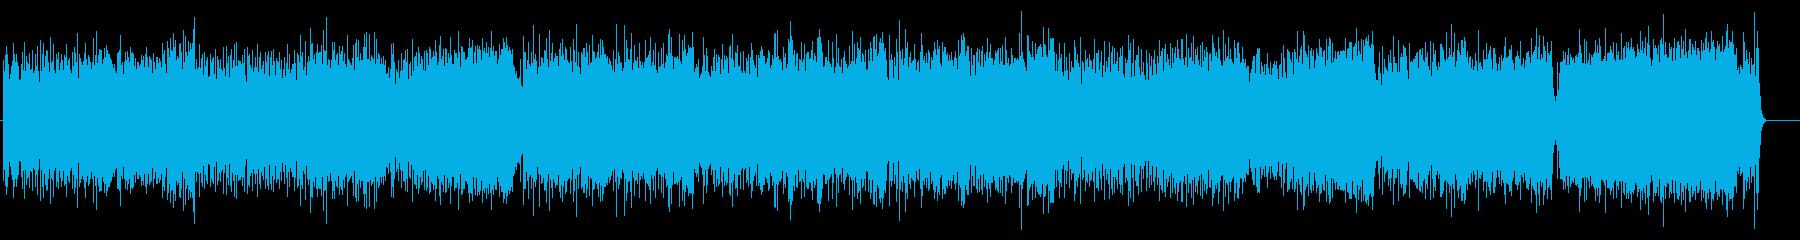 心が弾むテーマパーク・タイプのポップの再生済みの波形